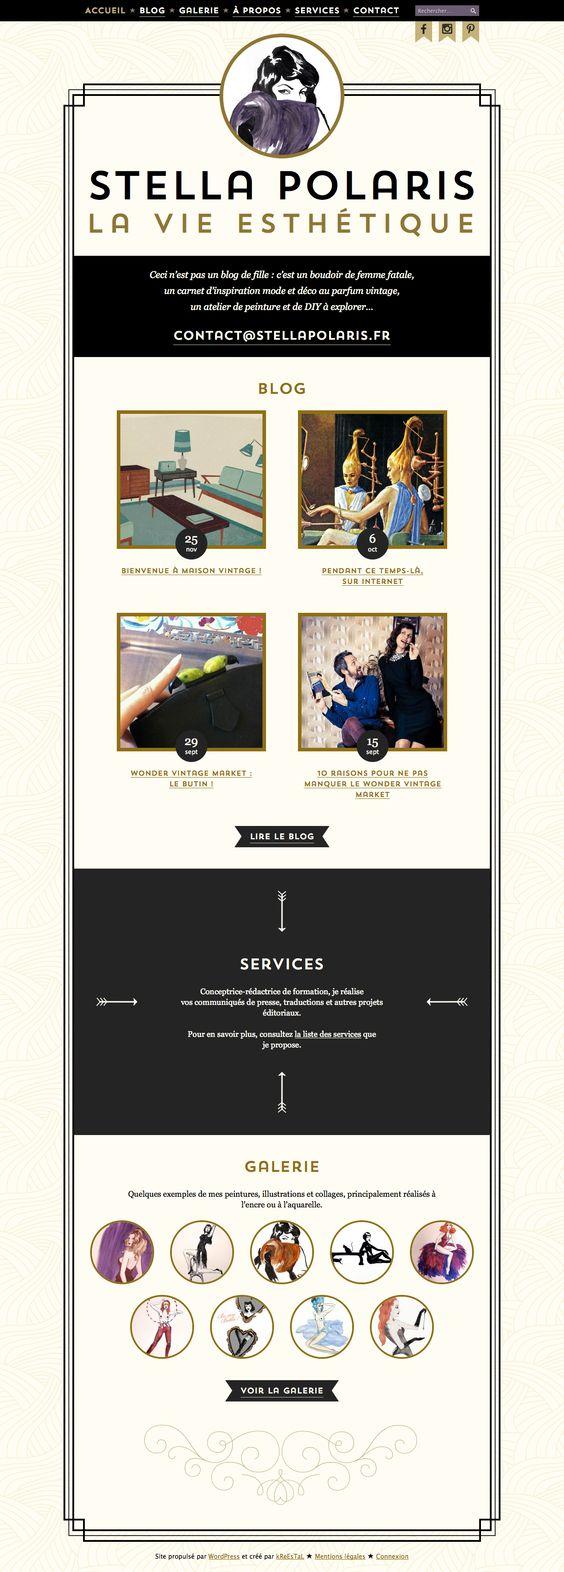 Portefeuilles de conception web conception portefeuille de web design d intérieur conception de linterface conception graphique rwd wordpress